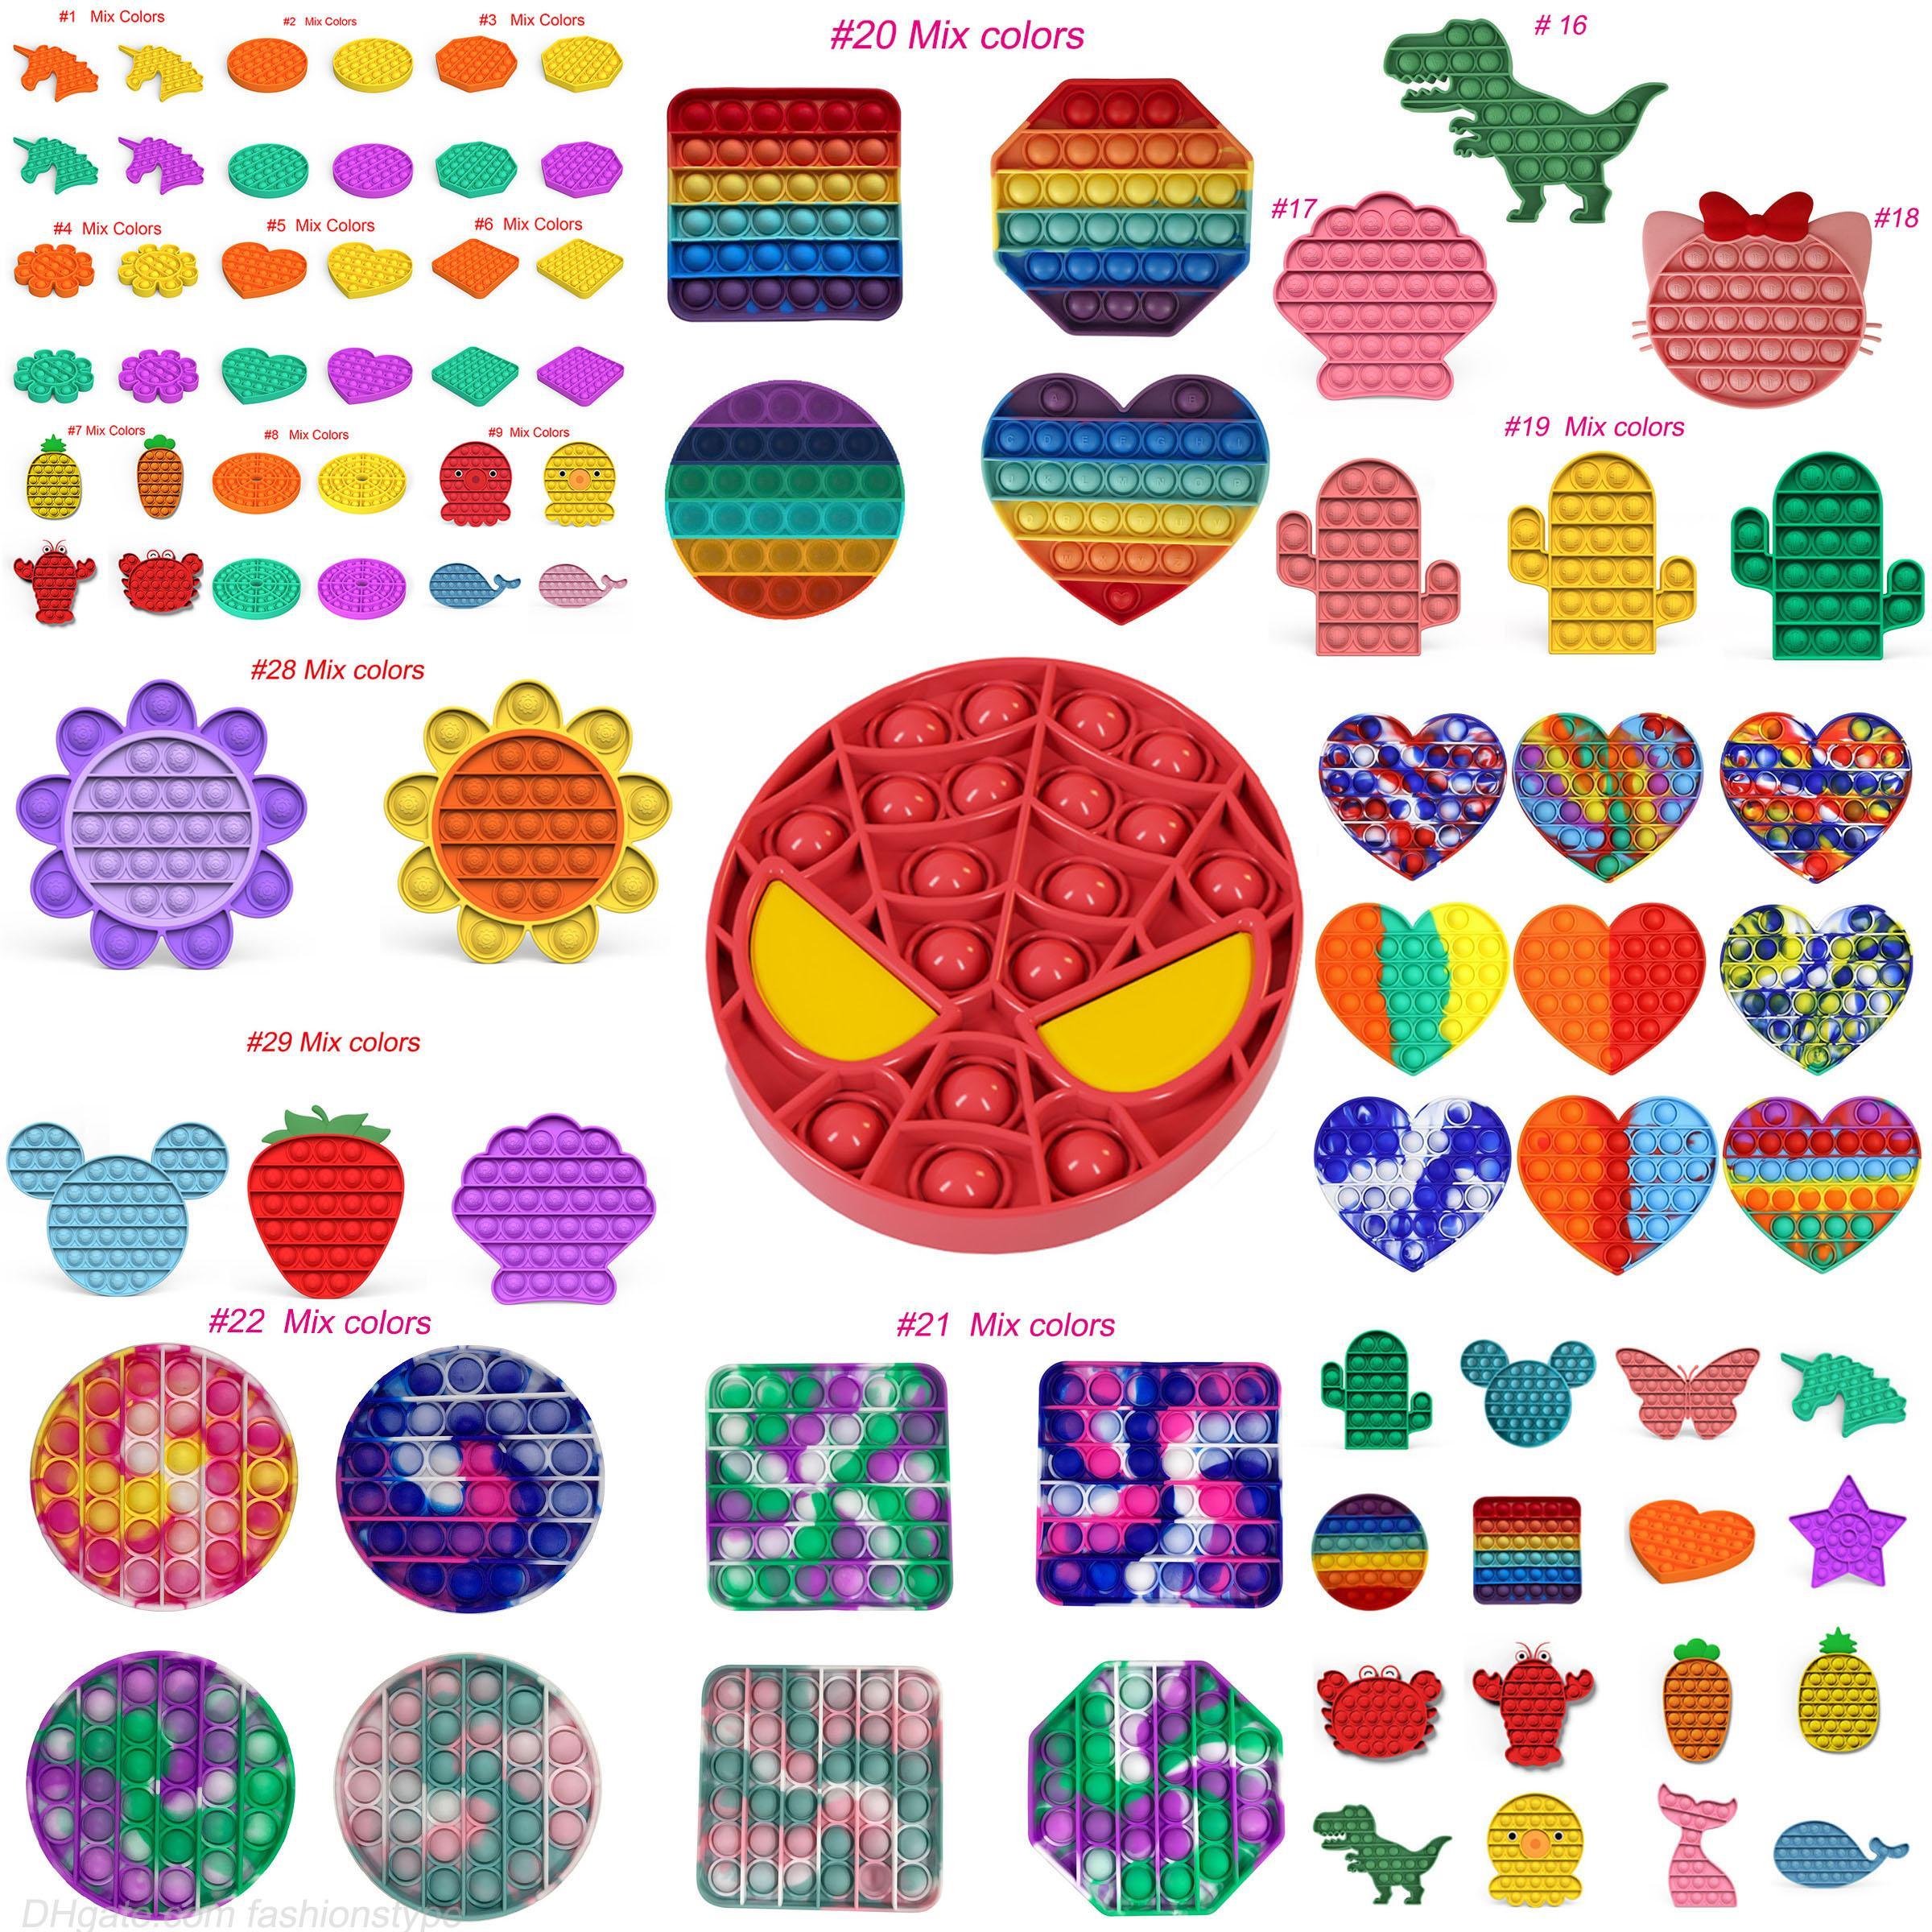 لعب لتخفيف التهيج الإجهاد المختلفة أنماط الألوان مكتب الإصبع ألعاب الاسترخاء الإنجيل للأطفال التوحد الأطفال جميع المنتجات بيع بالجملة